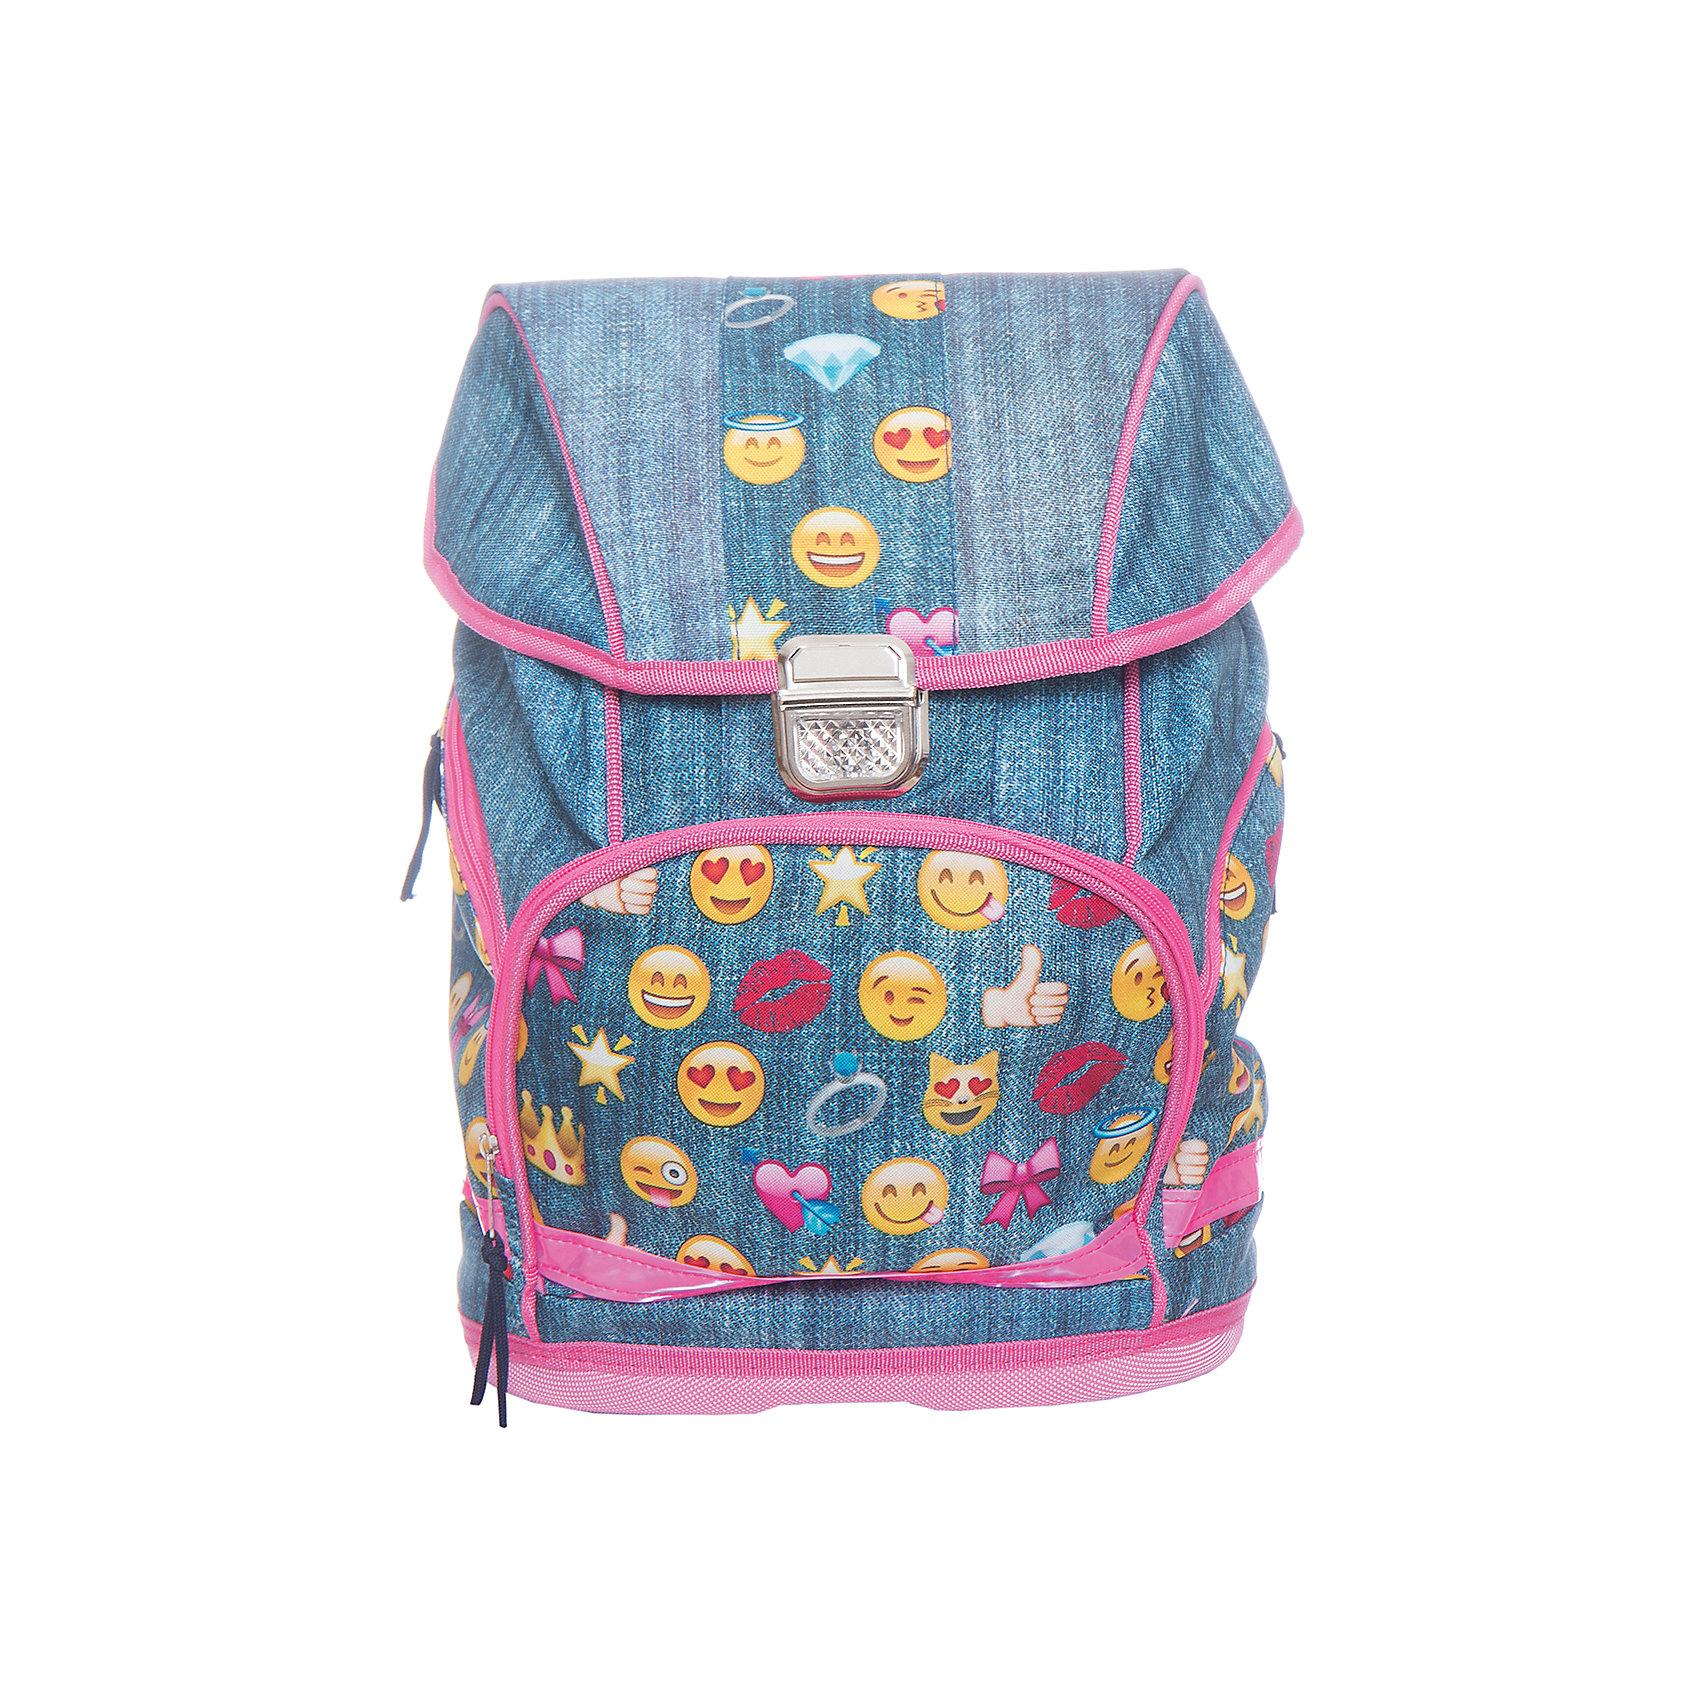 Рюкзак школьный Смайлы, девочкиШкольные рюкзаки<br>Вес: 750 г.<br>Размер: 38х30х18 см.<br>Состав: нет<br>Наличие светоотражающих элементов: да<br>Материал: полиэстер<br>Спина: уплотненная<br>Наличие дополнительных карманов внутри: нет<br>Дно выбрать: жесткое<br>Количество отделений: 1<br>Боковые карманы: есть, молния<br>Замок: защелка<br>Вмещает А4: да<br>Подойдет для возраста какого 8-13 лет<br>Рюкзак, 1 отделение,  из мягкой и прочной ткани с водоотталкивающей пропиткой, металлический замок со светоотражающим катофотом, три вместительных кармана снаружи на молнии со светоотражающей лентой, уплотненная спинка, мягкие регулируемые лямки.<br><br>Ширина мм: 180<br>Глубина мм: 300<br>Высота мм: 380<br>Вес г: 750<br>Возраст от месяцев: 72<br>Возраст до месяцев: 2147483647<br>Пол: Женский<br>Возраст: Детский<br>SKU: 6842124